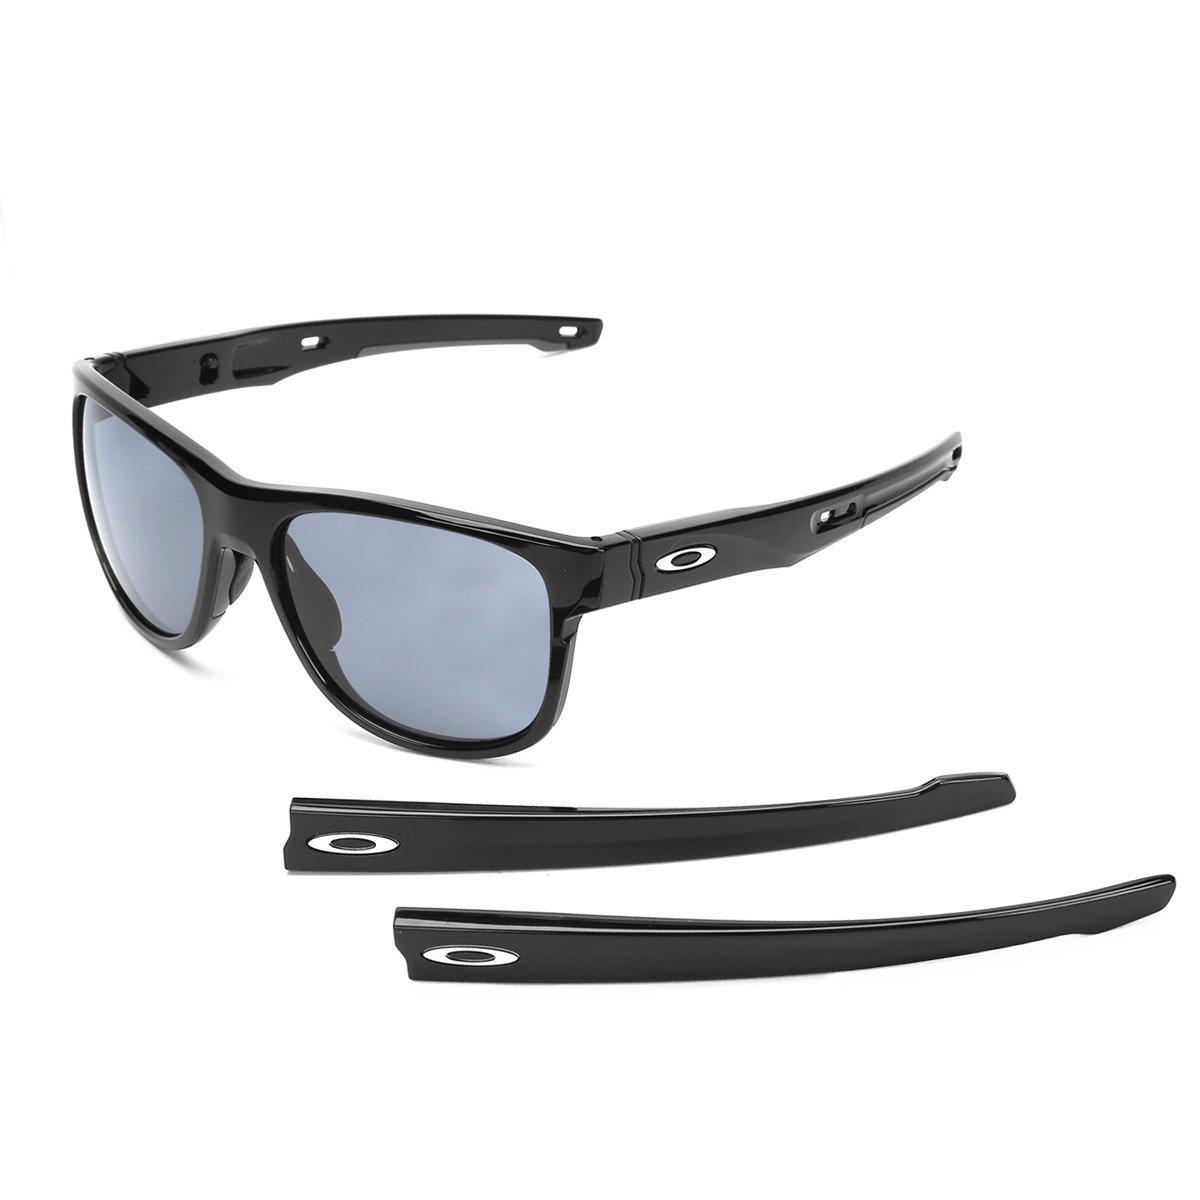 3320eda00bbf0 Óculos de Sol Oakley Crossrange R Masculino - Preto e Cinza - Compre Agora